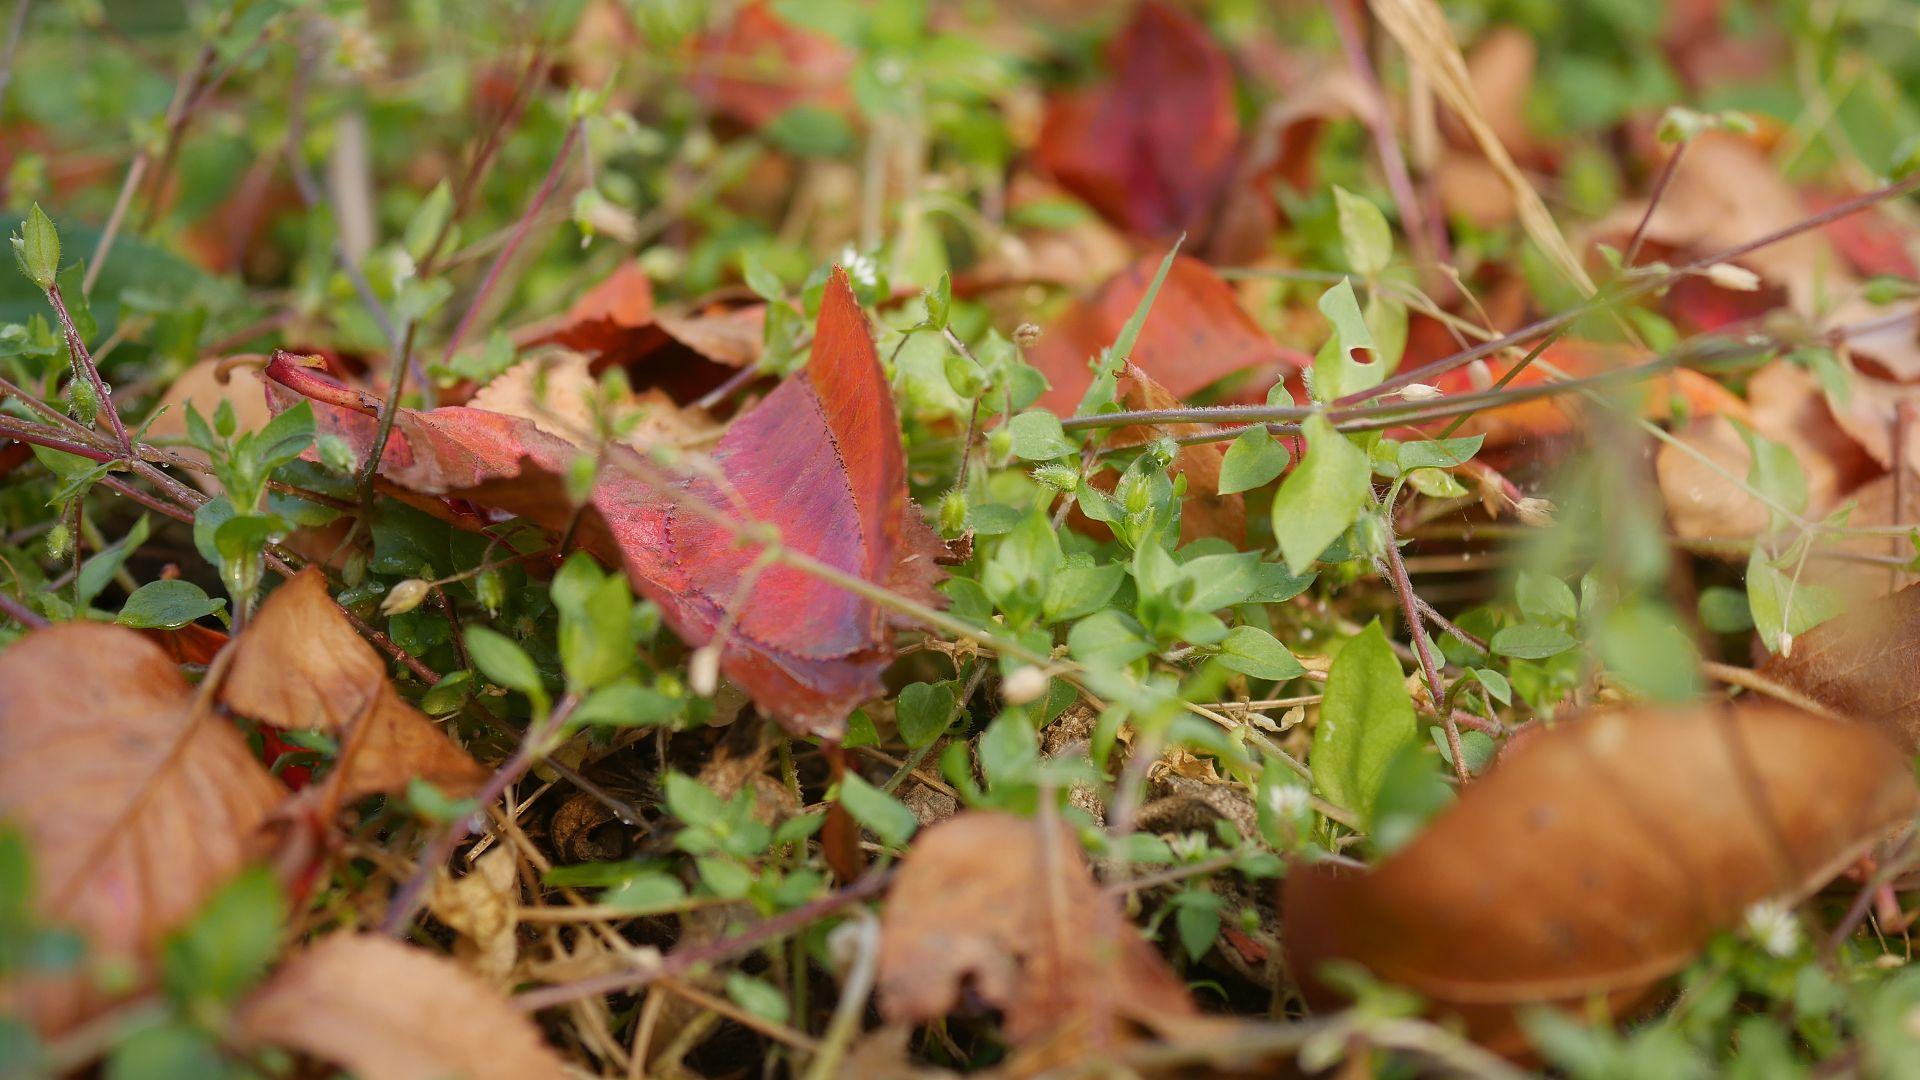 Gartenjahr 2018 Gartensaison 2018 Garteneinblick Gartenrundgang Gartenerlebnisse Gartenmomente Herbst garten